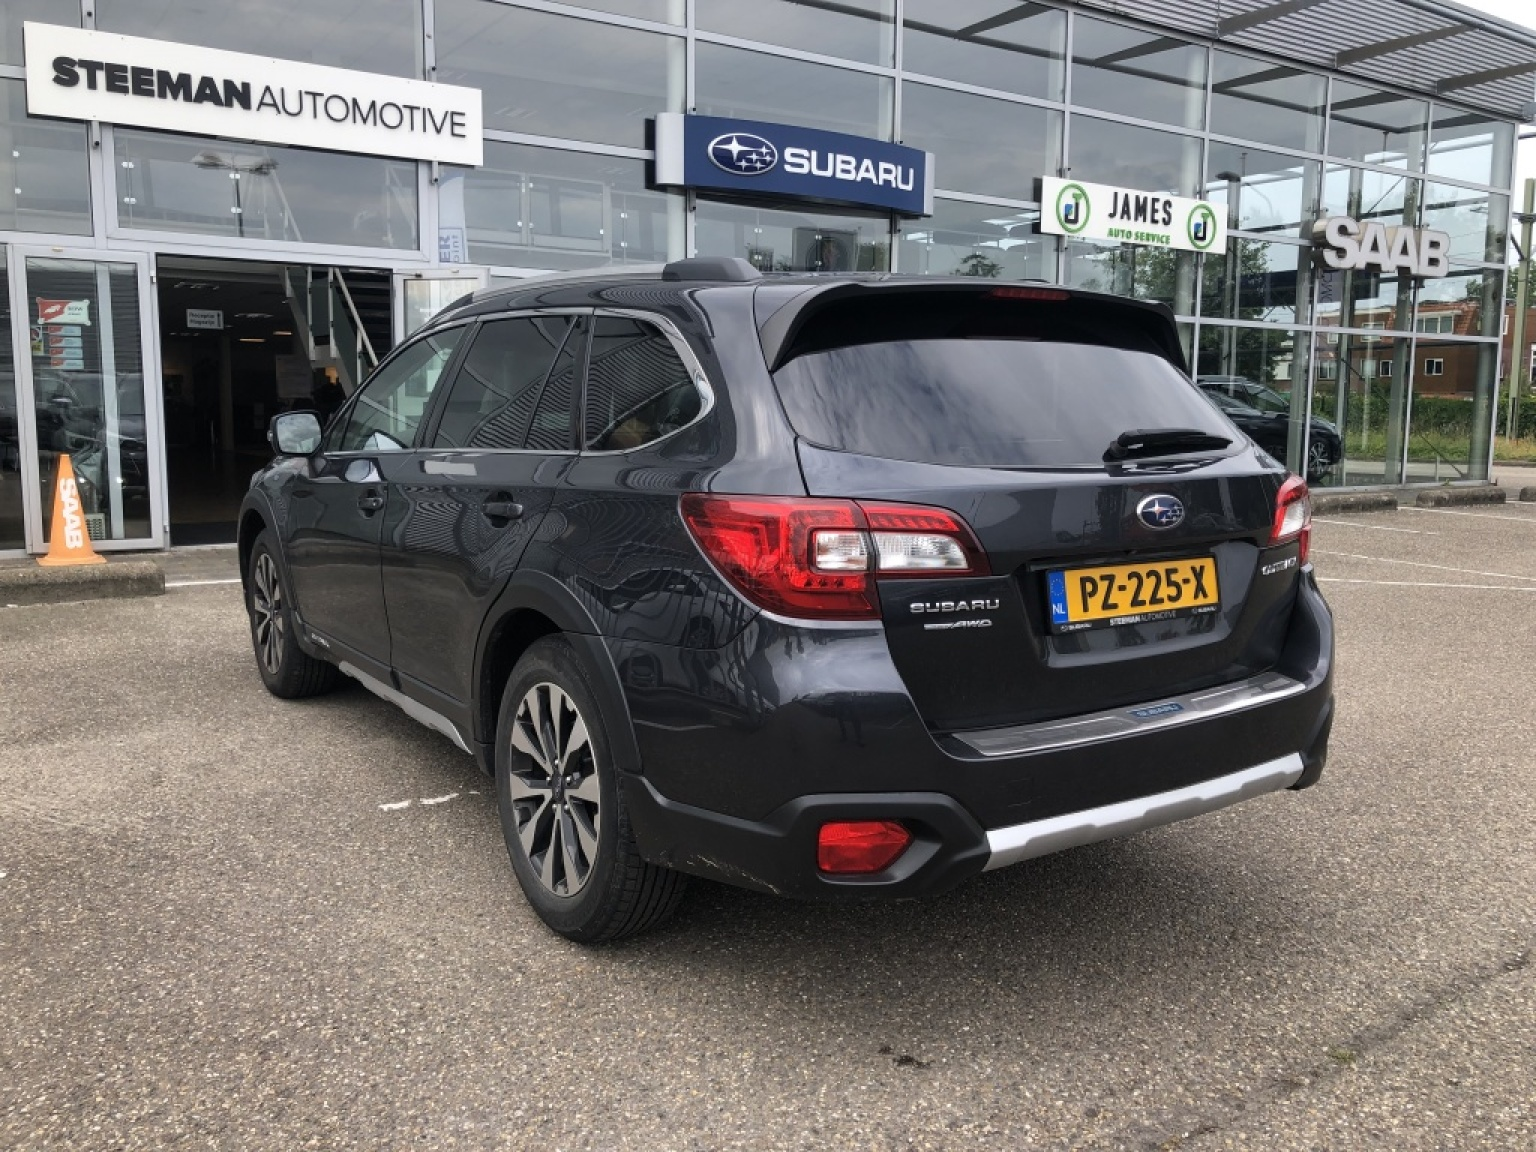 Subaru-Outback-5